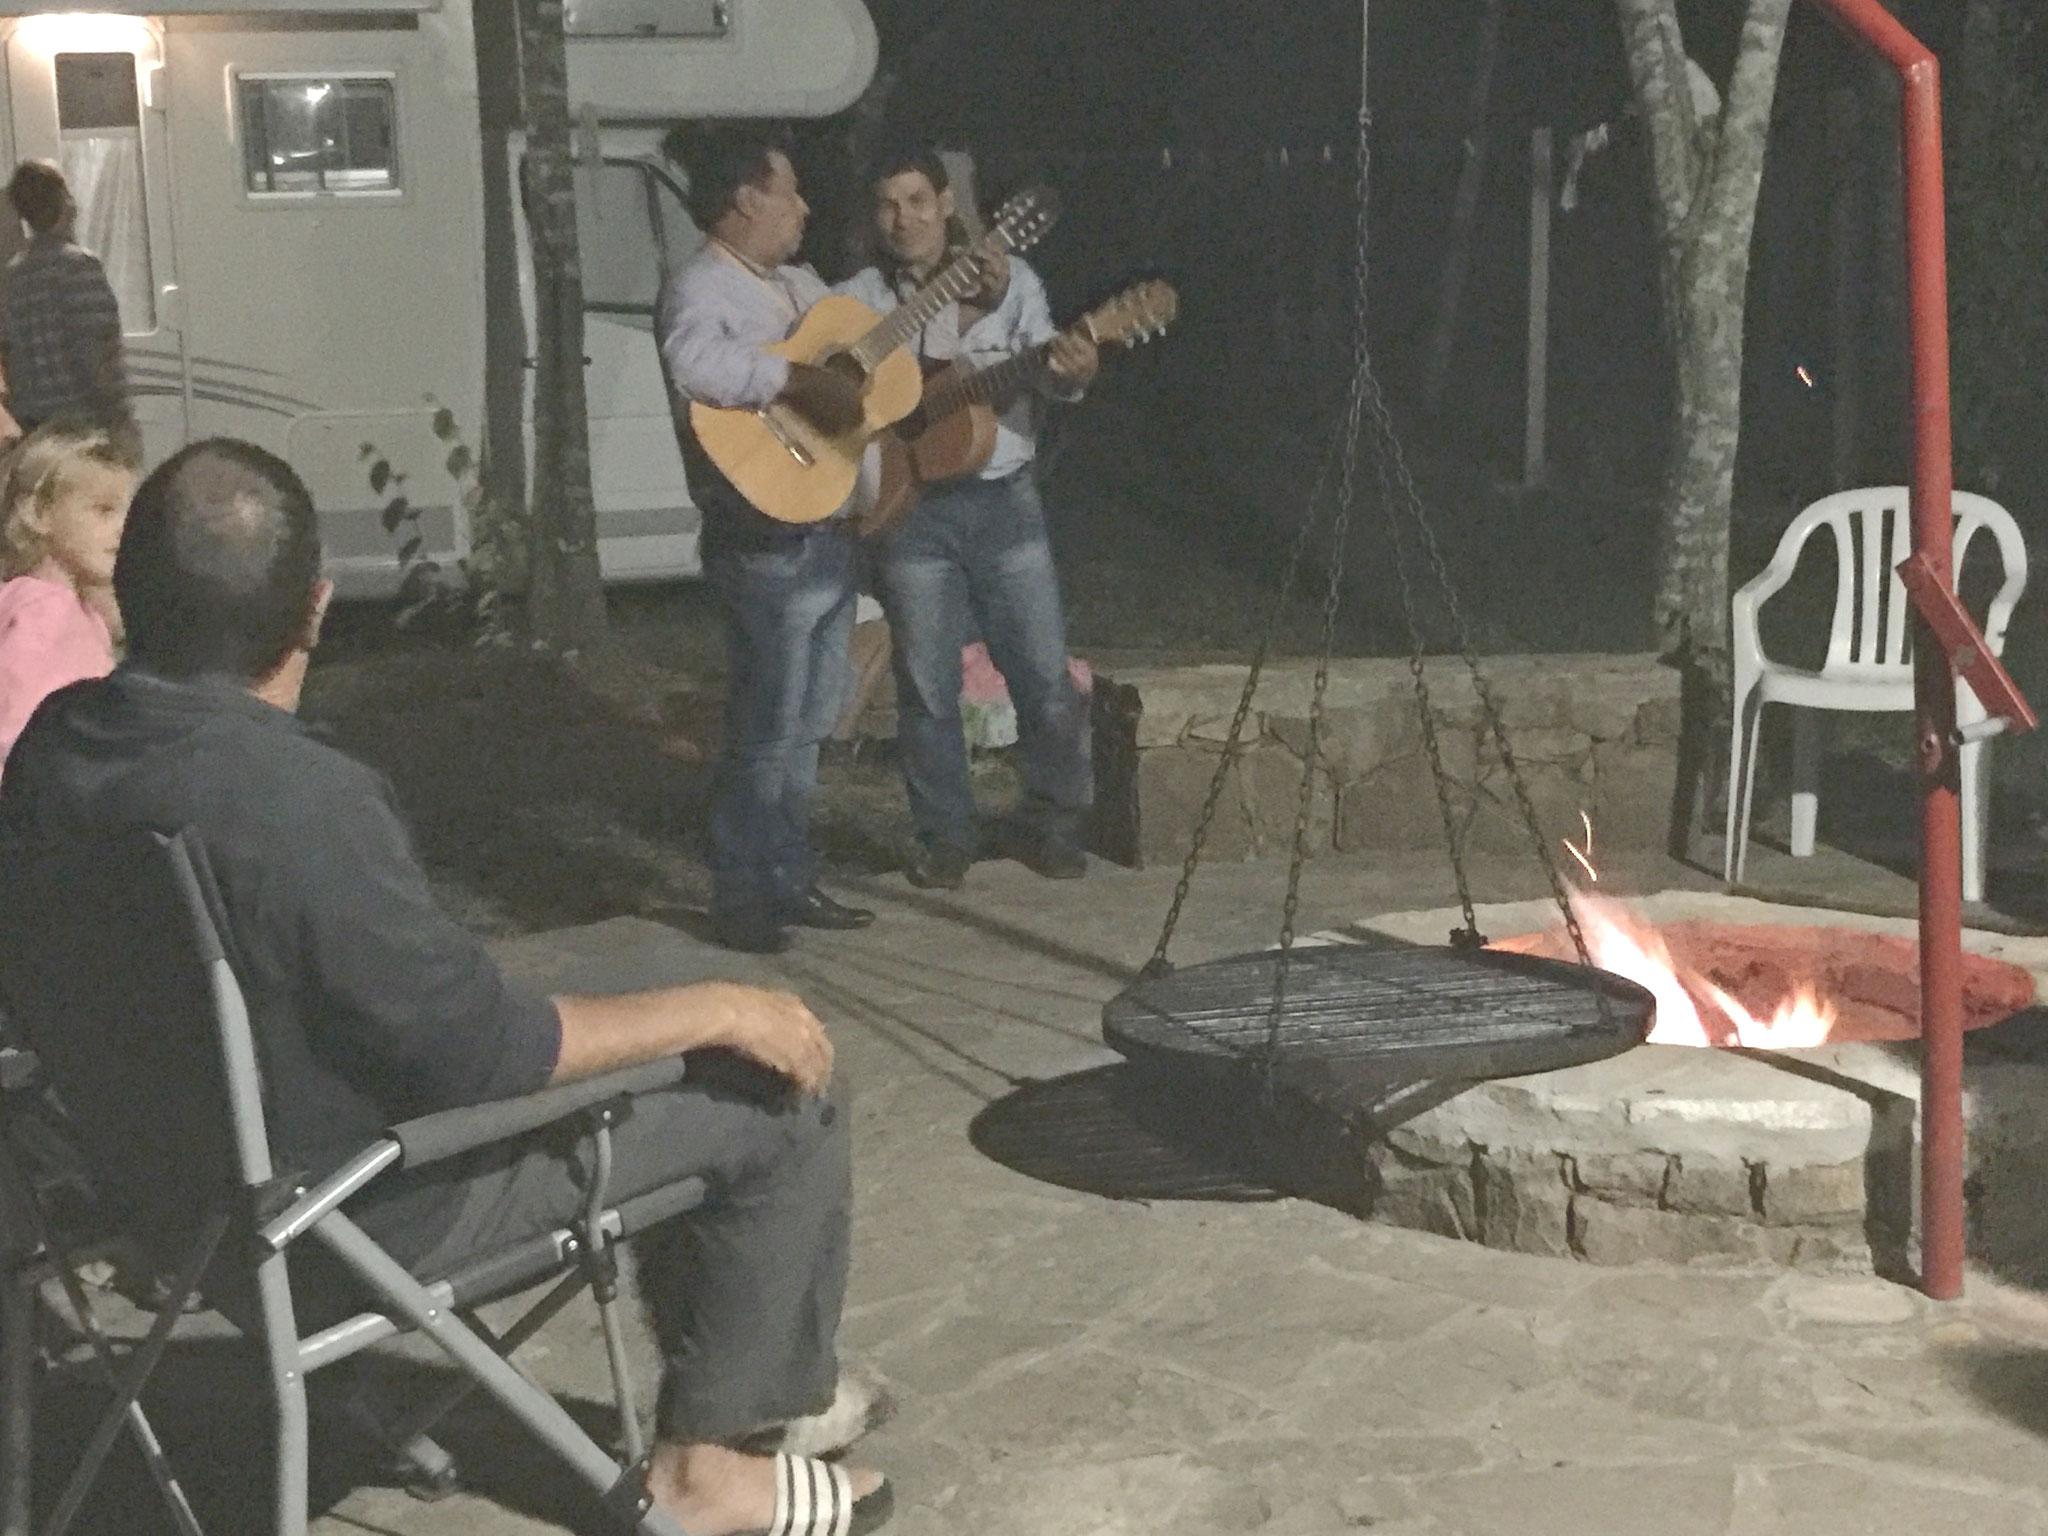 ... und paraguayische Musiker am Grillplatz...